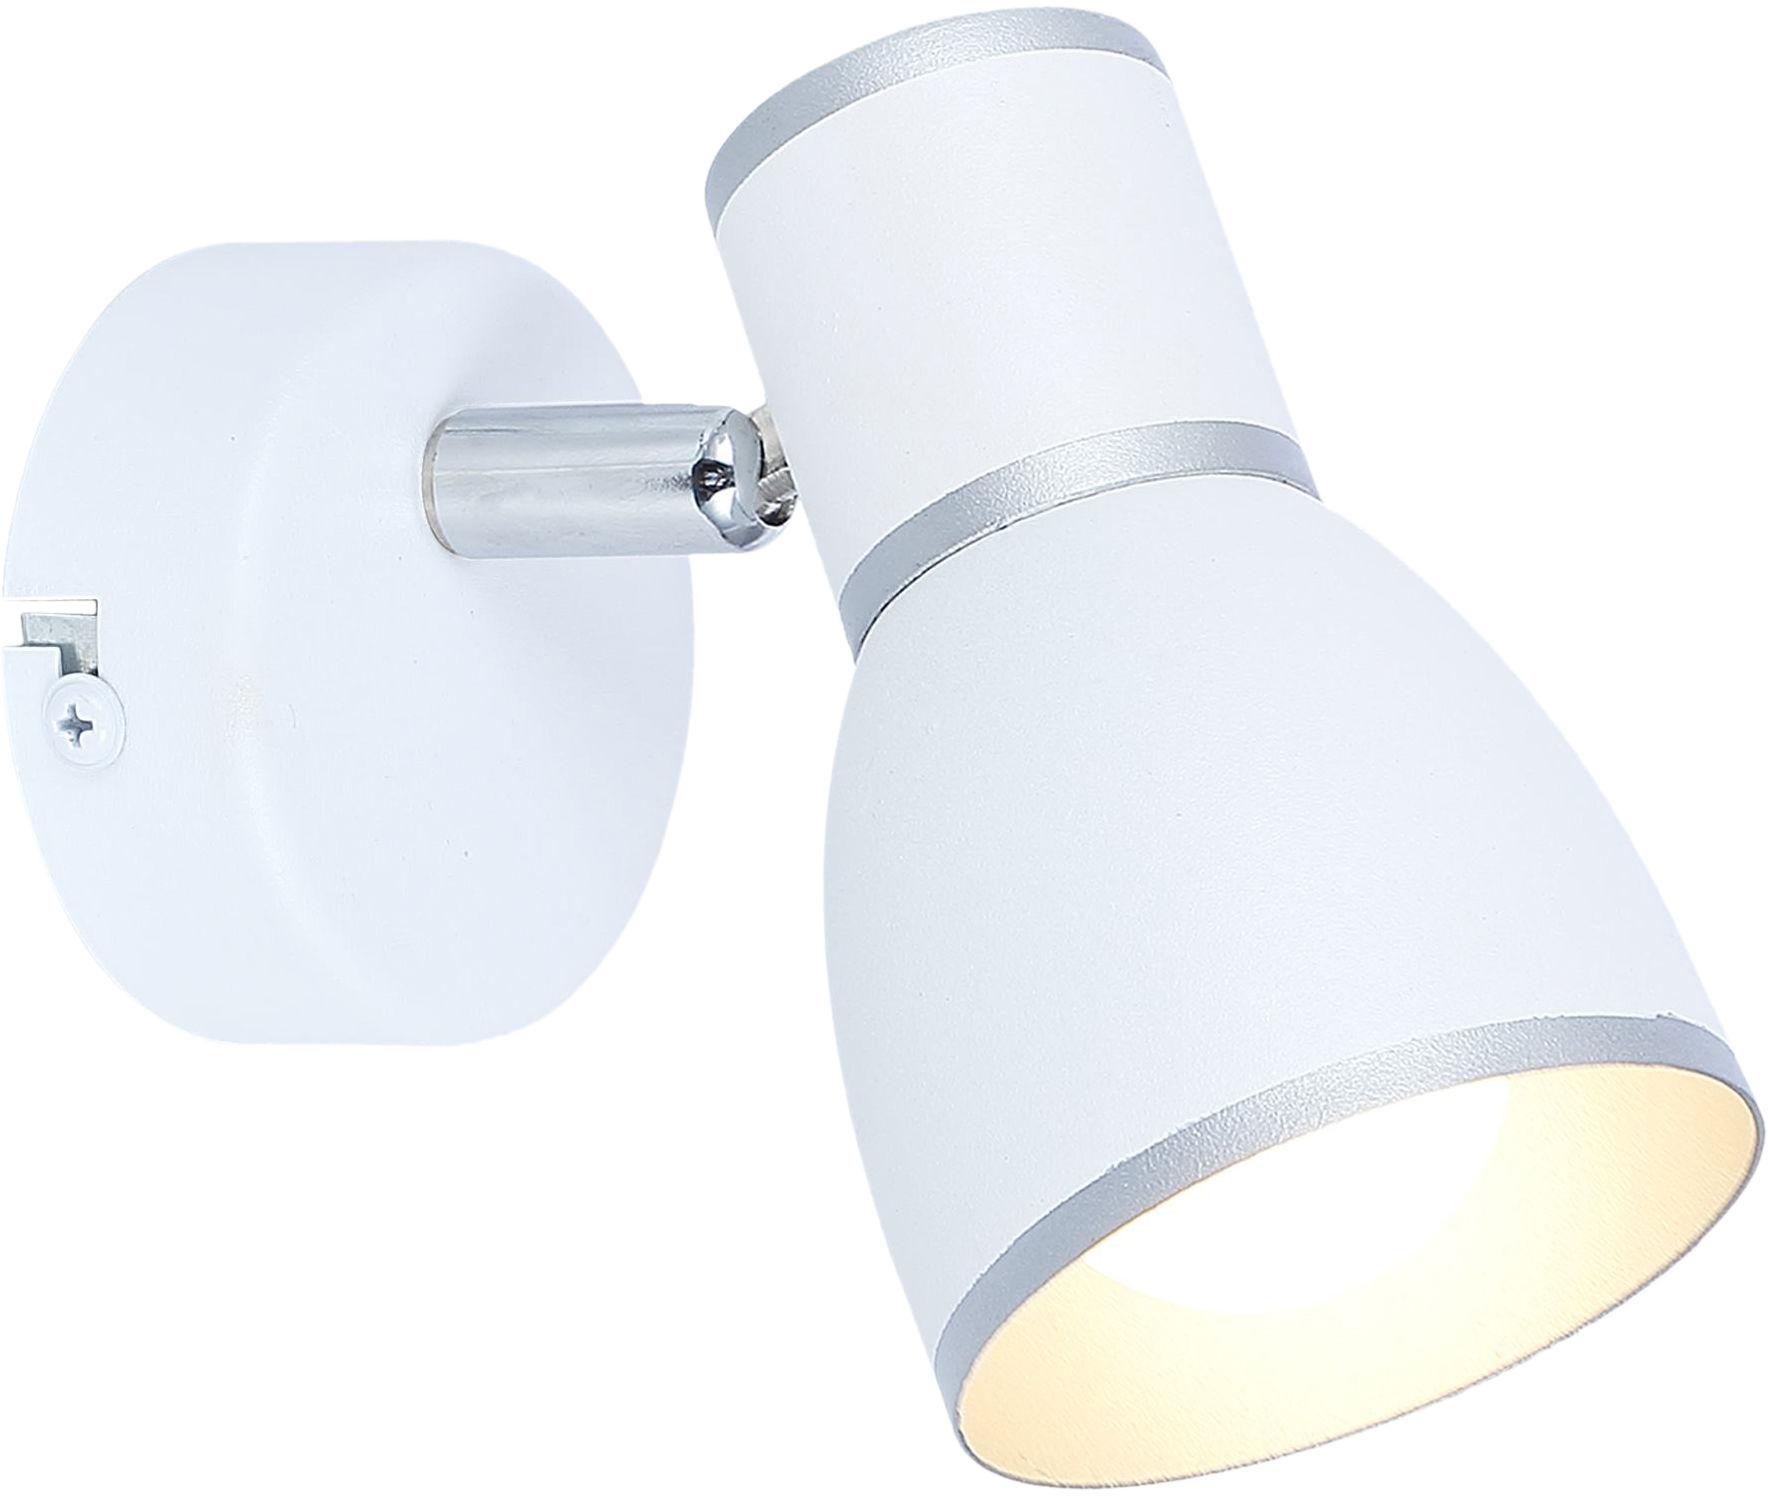 Candellux FIDO 91-63366 kinkiet lampa ścienna biała+chrom regulacja klosza 1X40W E14 7cm